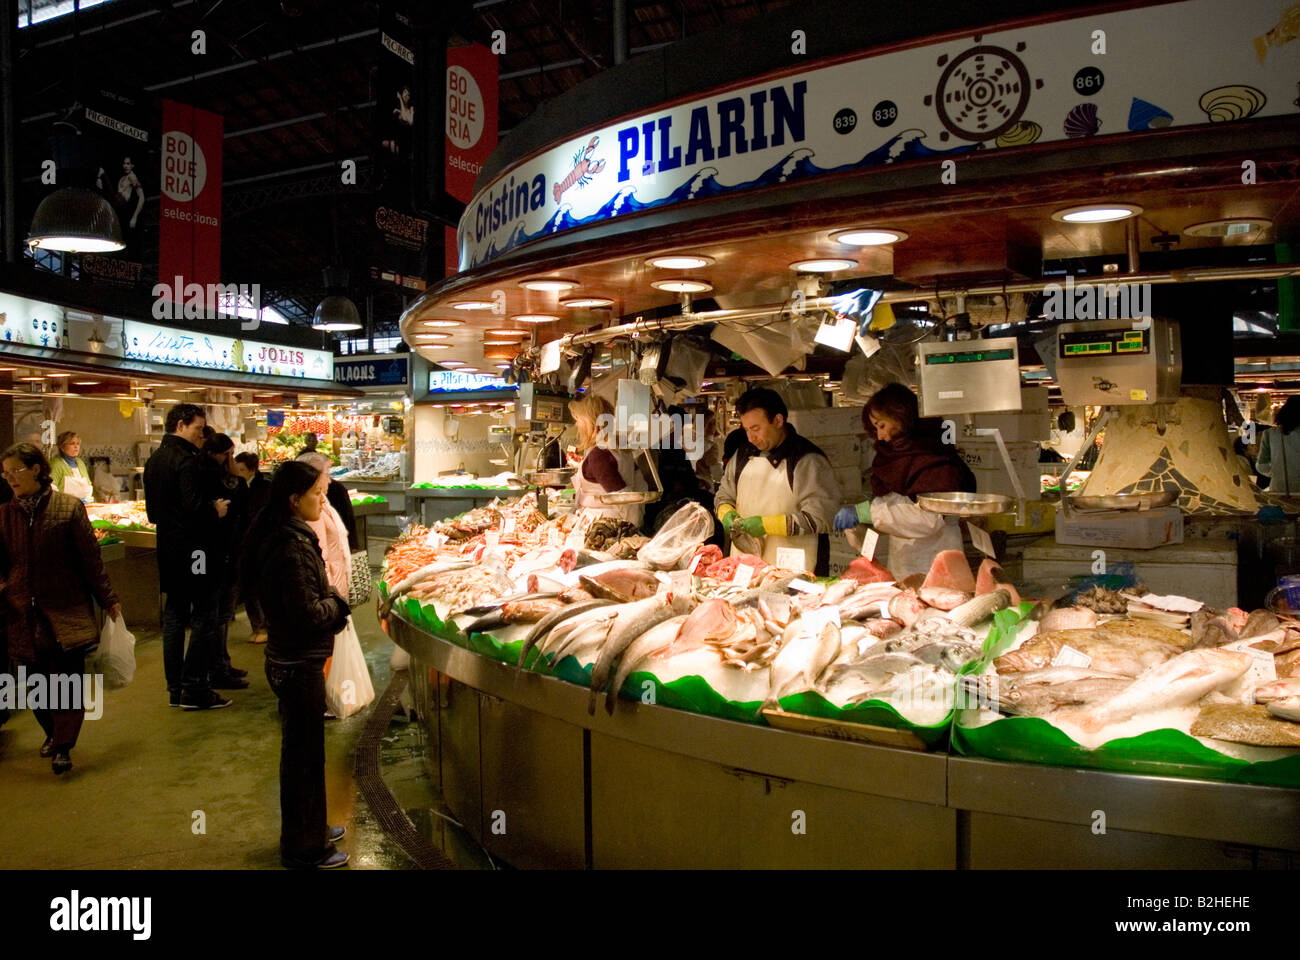 La boqueria fish market woman sell fish in barcelona stock for La fish market